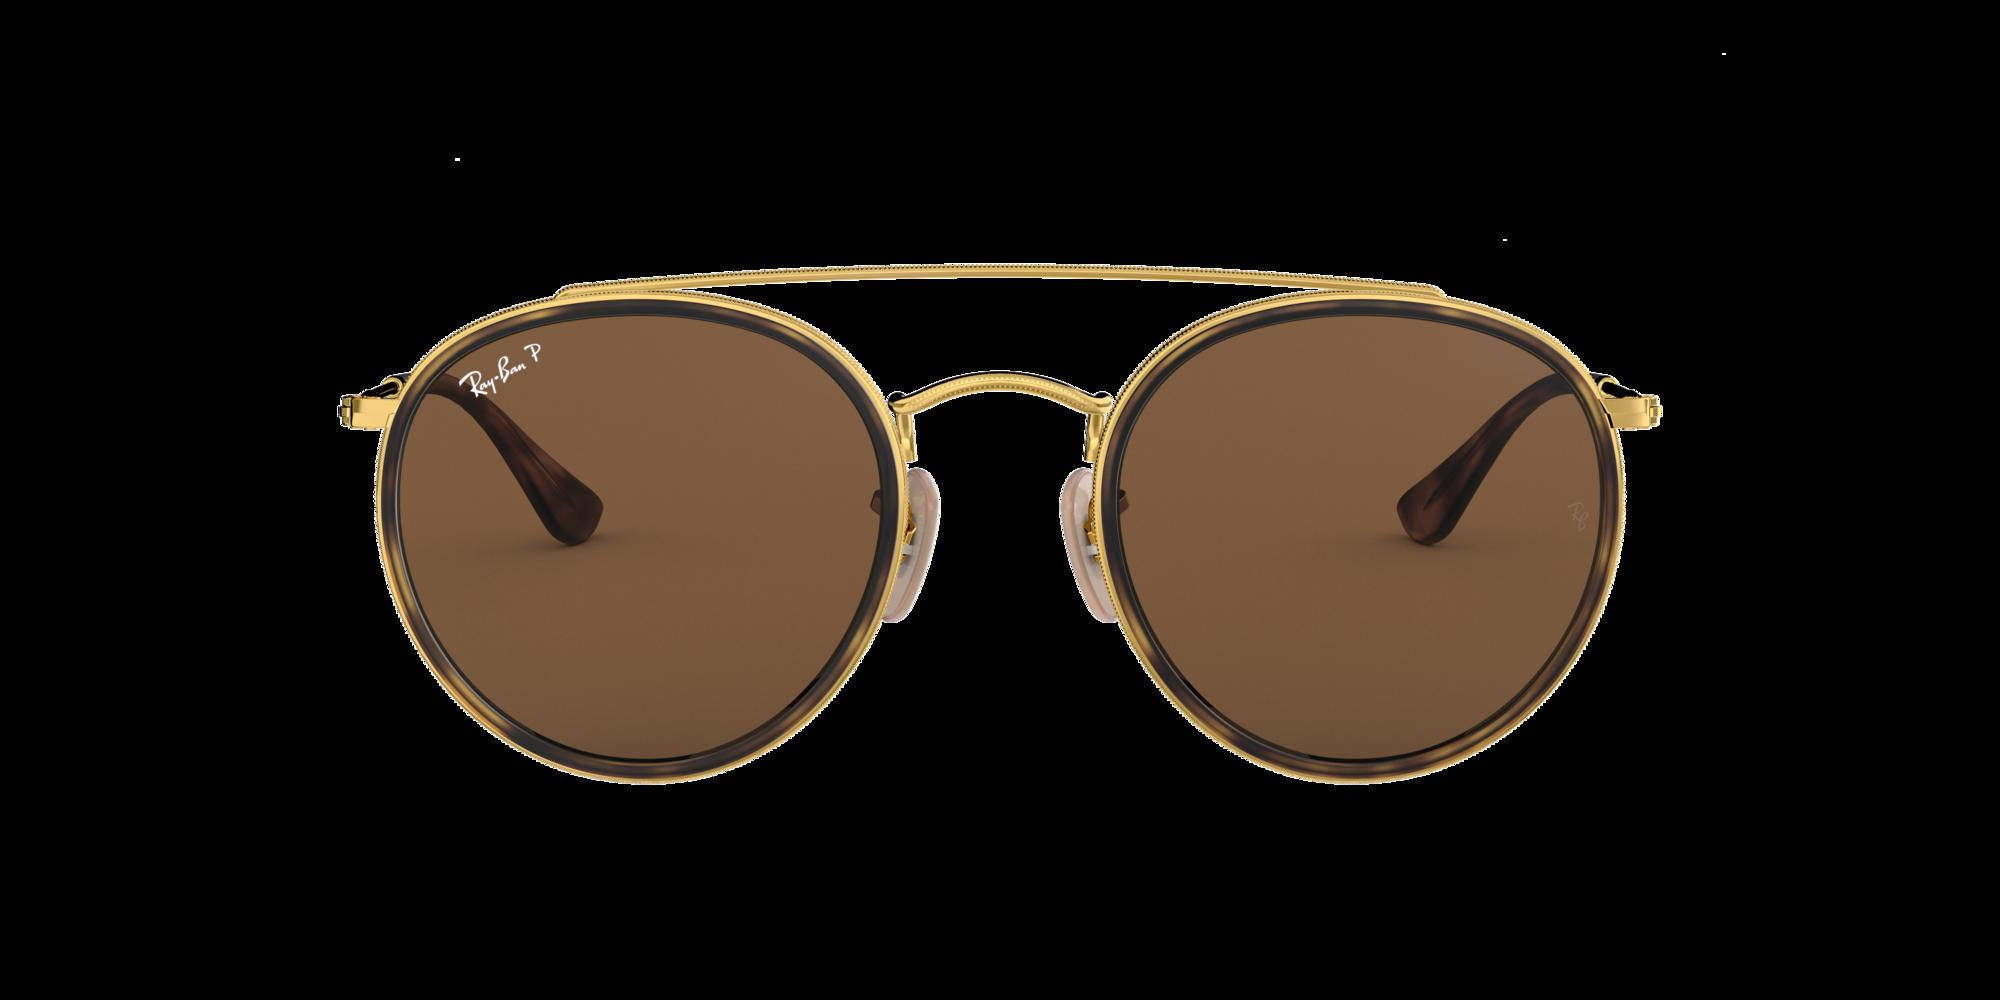 Imagen para RB3647N 51 de LensCrafters    Espejuelos, espejuelos graduados en línea, gafas